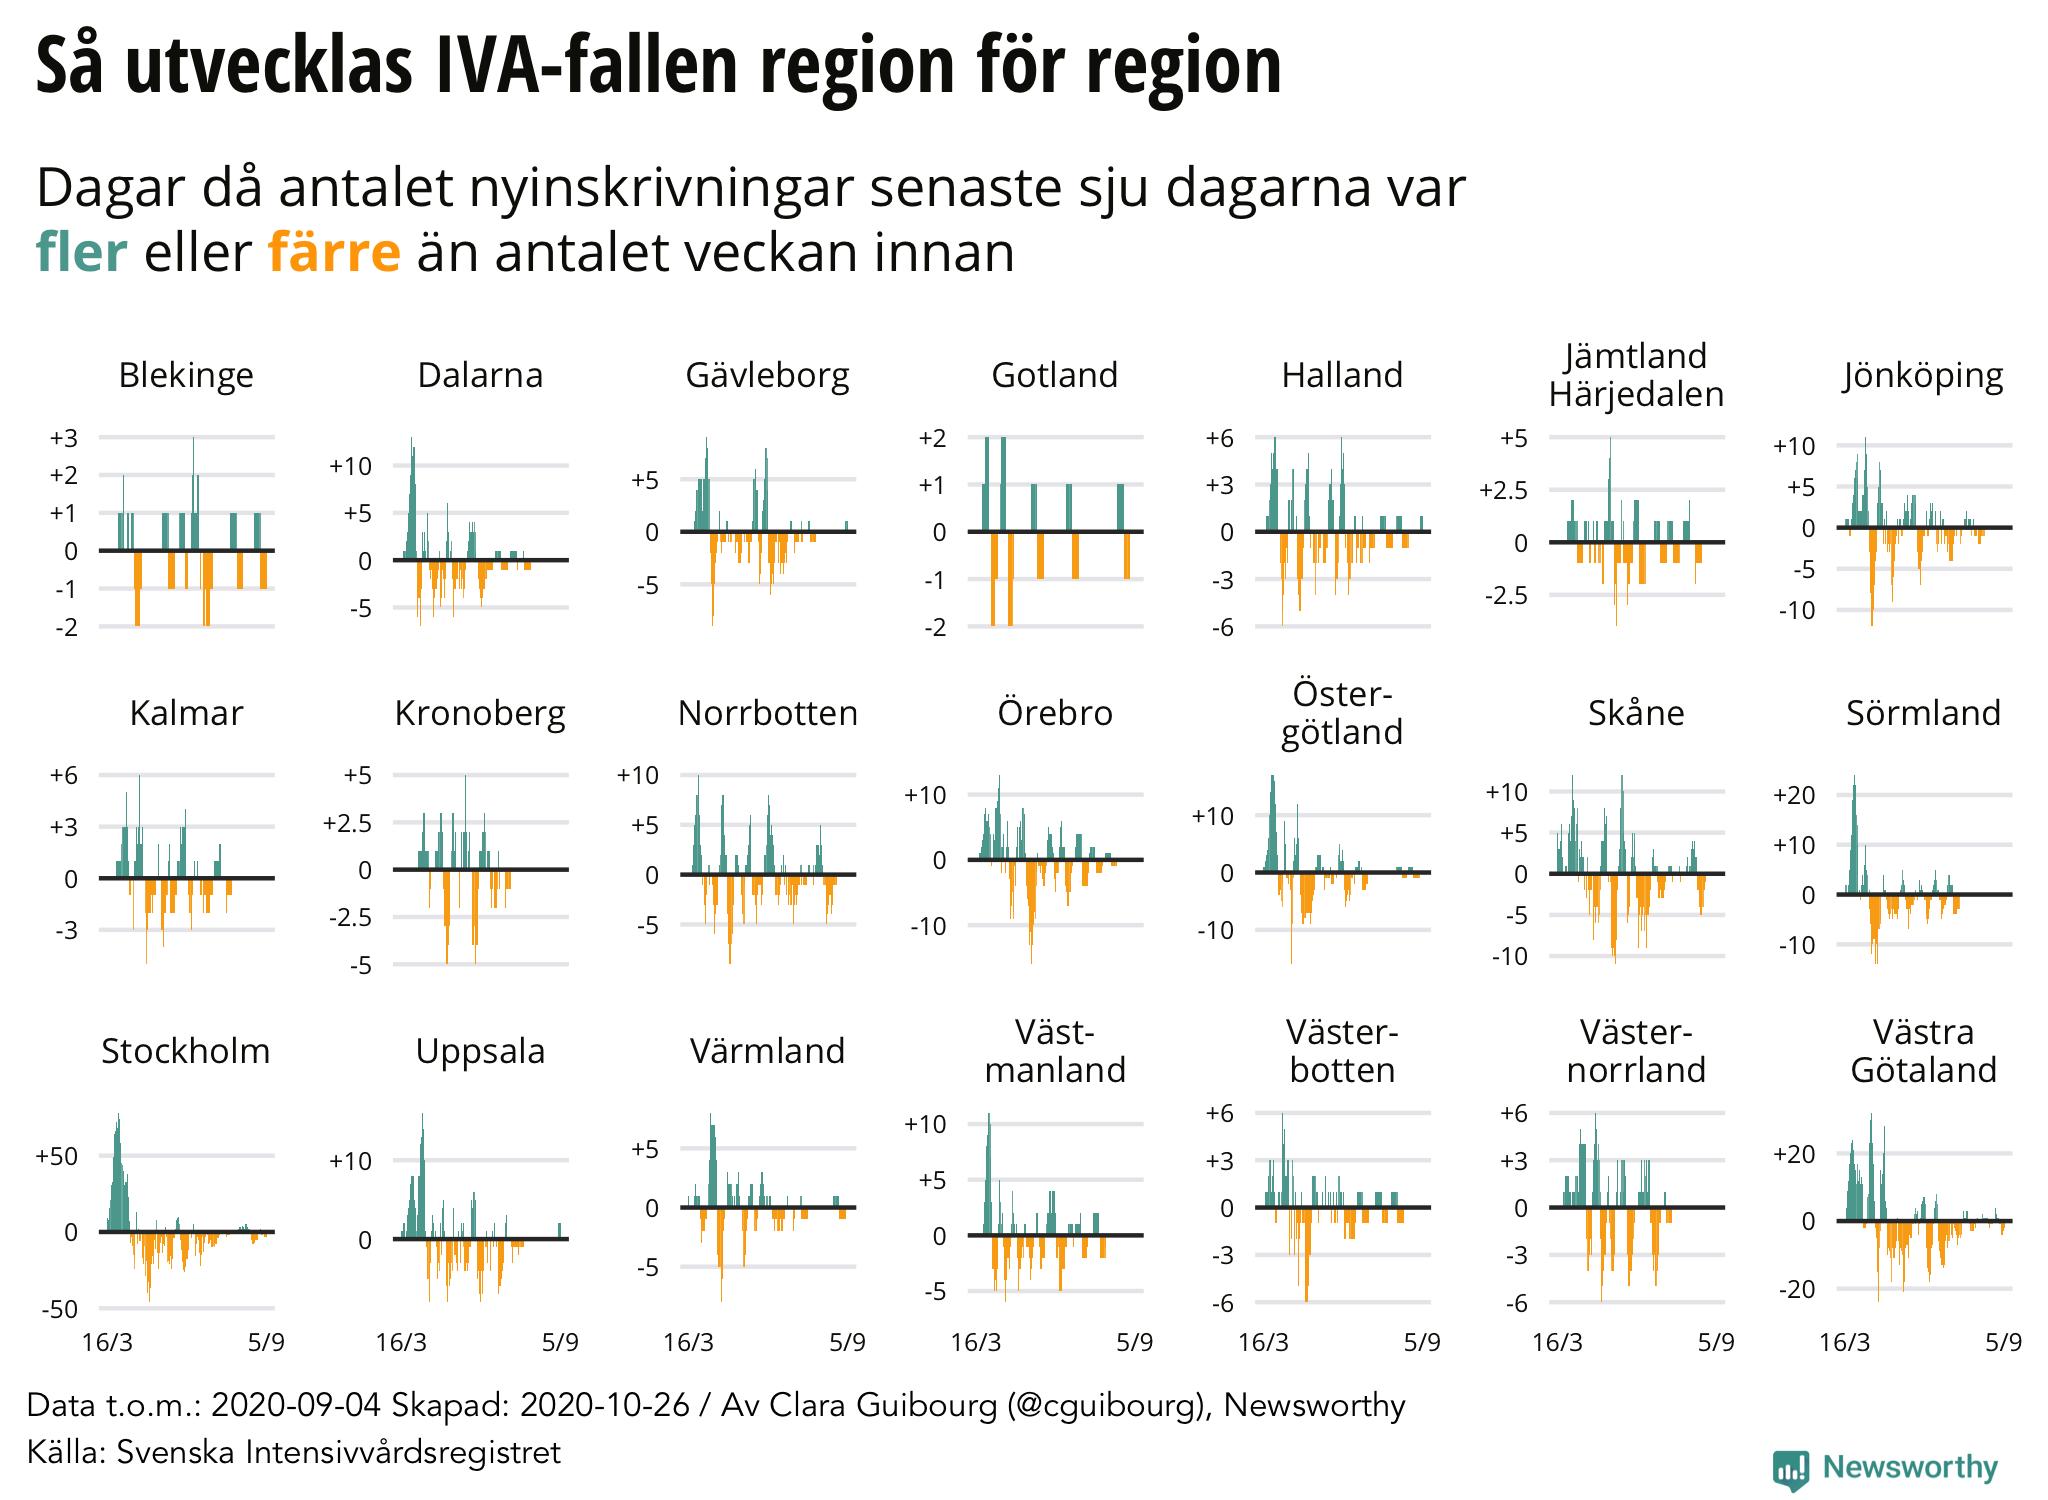 Så ökar/minskar antalet nya IVA-patienter per region